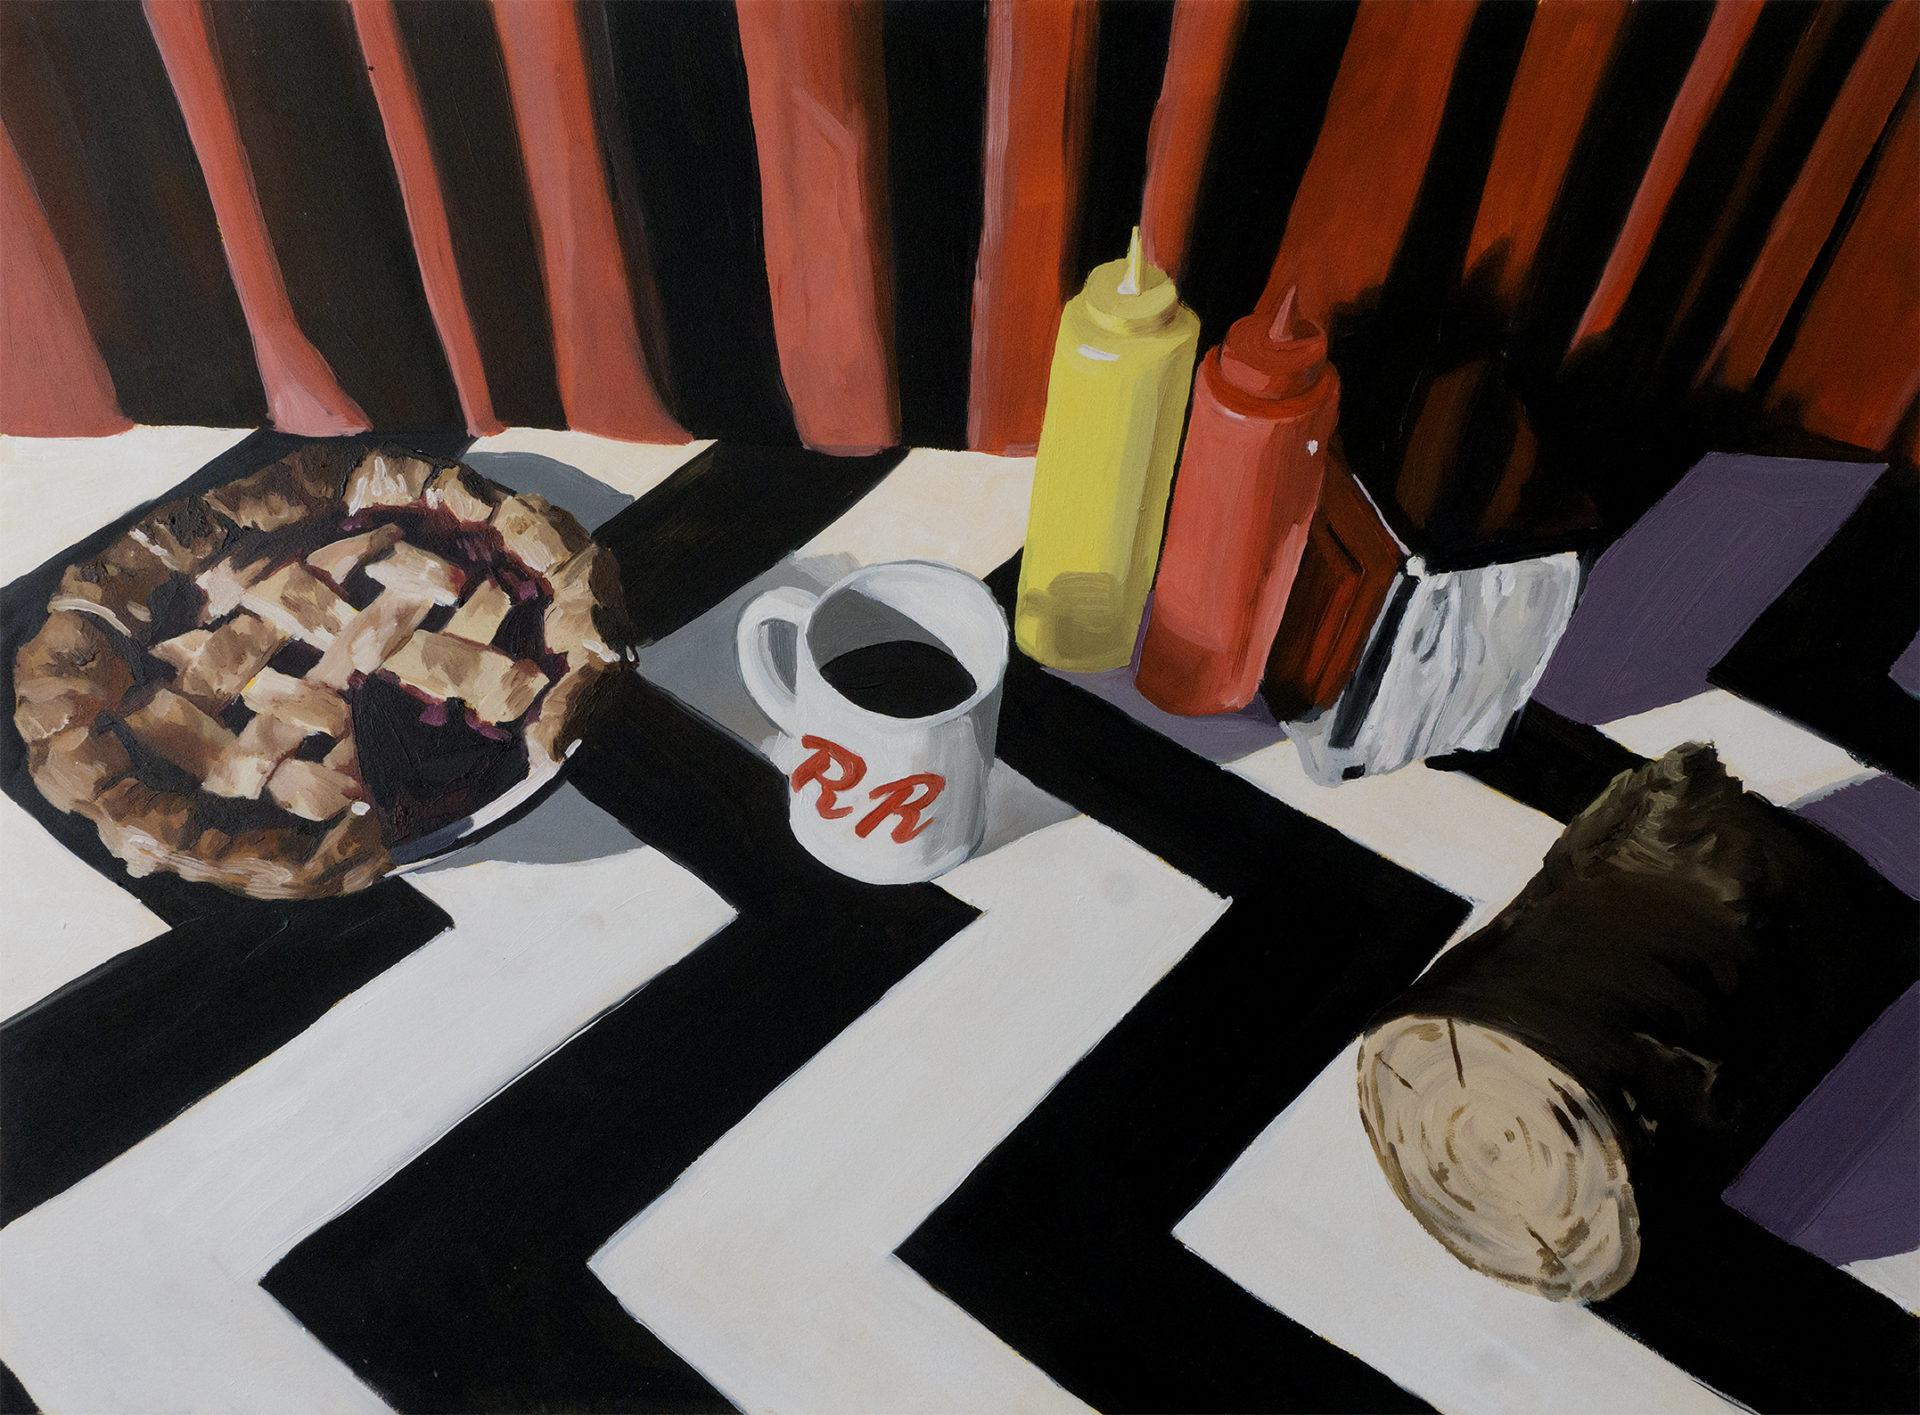 peinture d'une table de twin peaks avec une tarte, un café et les condiments